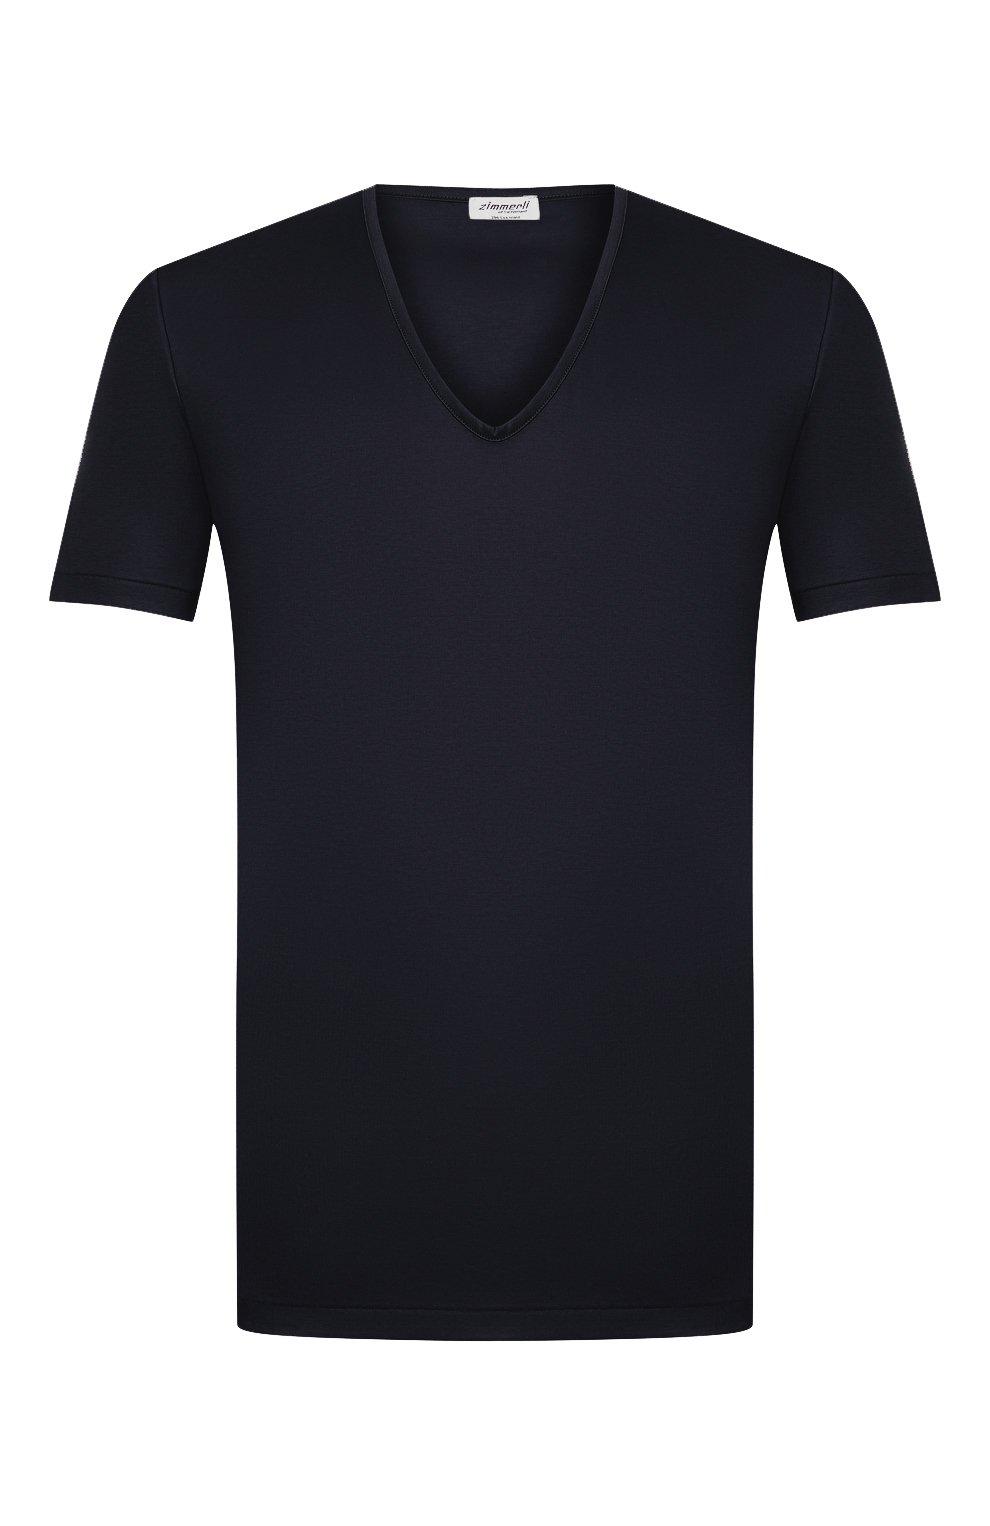 Мужская хлопковая футболка ZIMMERLI темно-синего цвета, арт. 286-1442 | Фото 1 (Кросс-КТ: домашняя одежда; Рукава: Короткие; Длина (для топов): Стандартные; Материал внешний: Хлопок; Мужское Кросс-КТ: Футболка-белье)